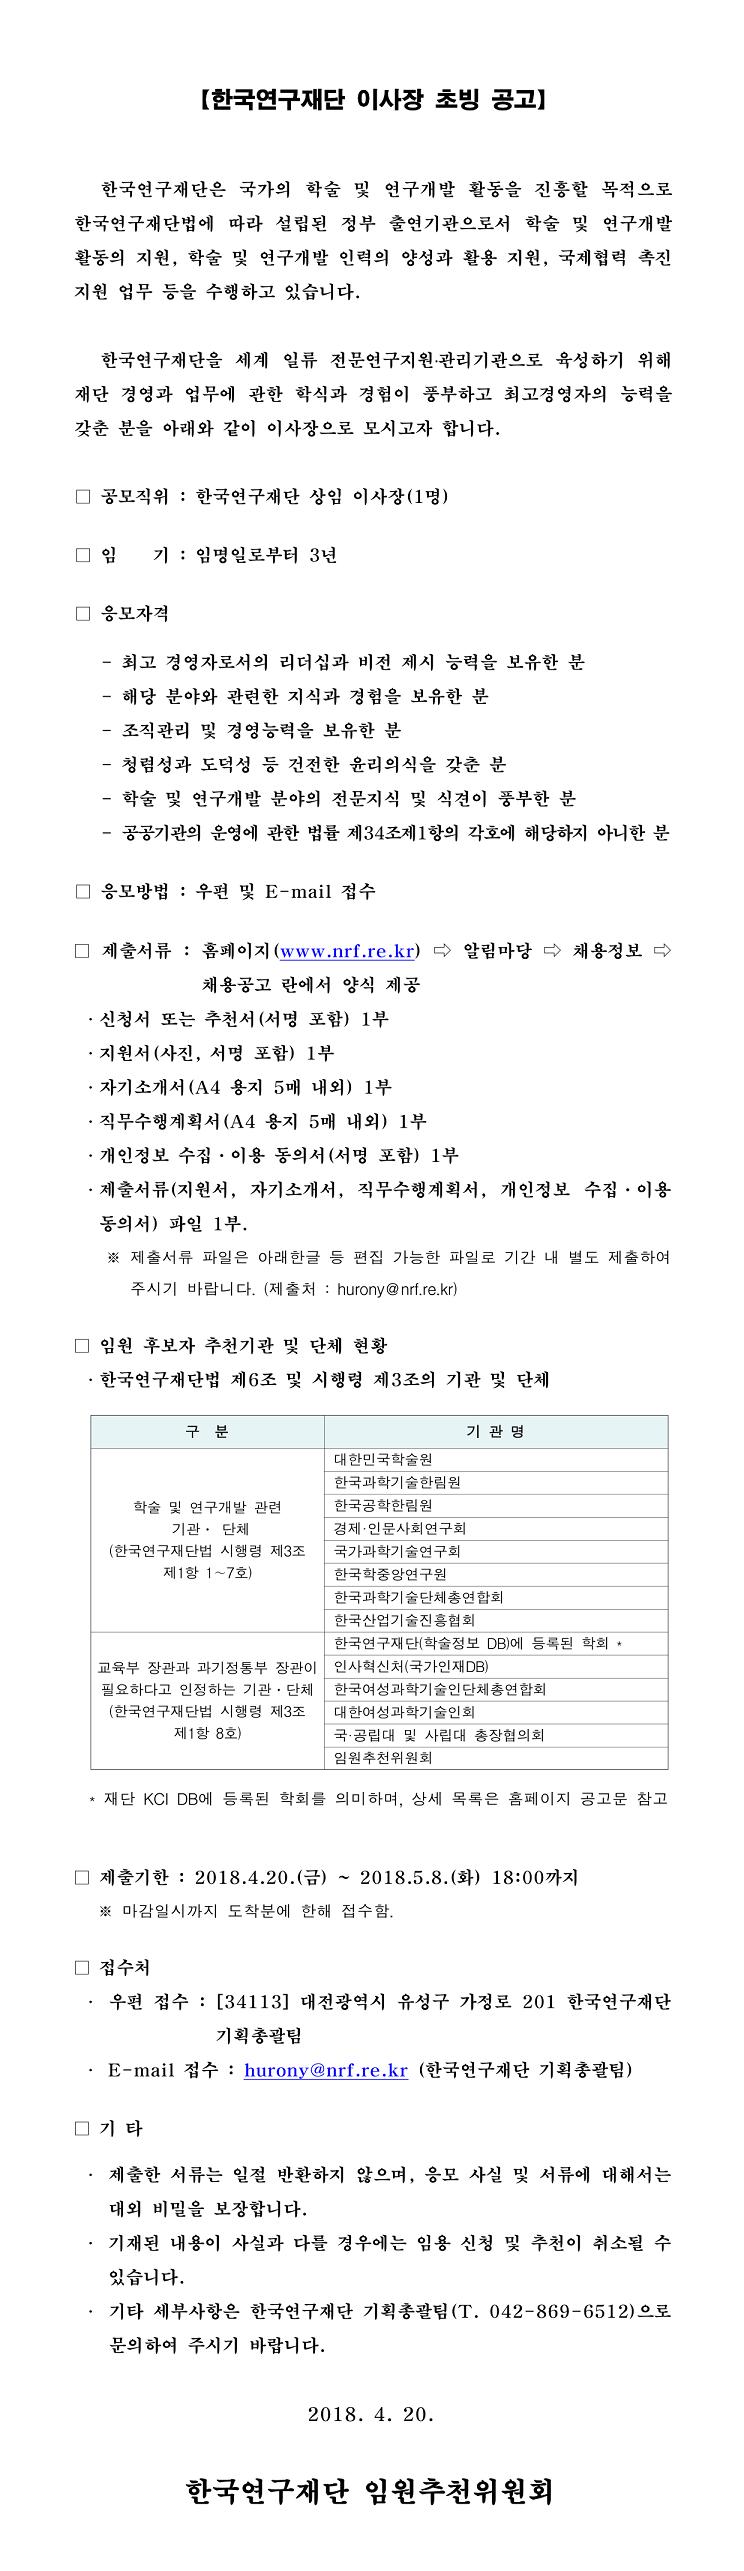 붙임1) 한국연구재단 이사장 초빙 공고문-1.jpg